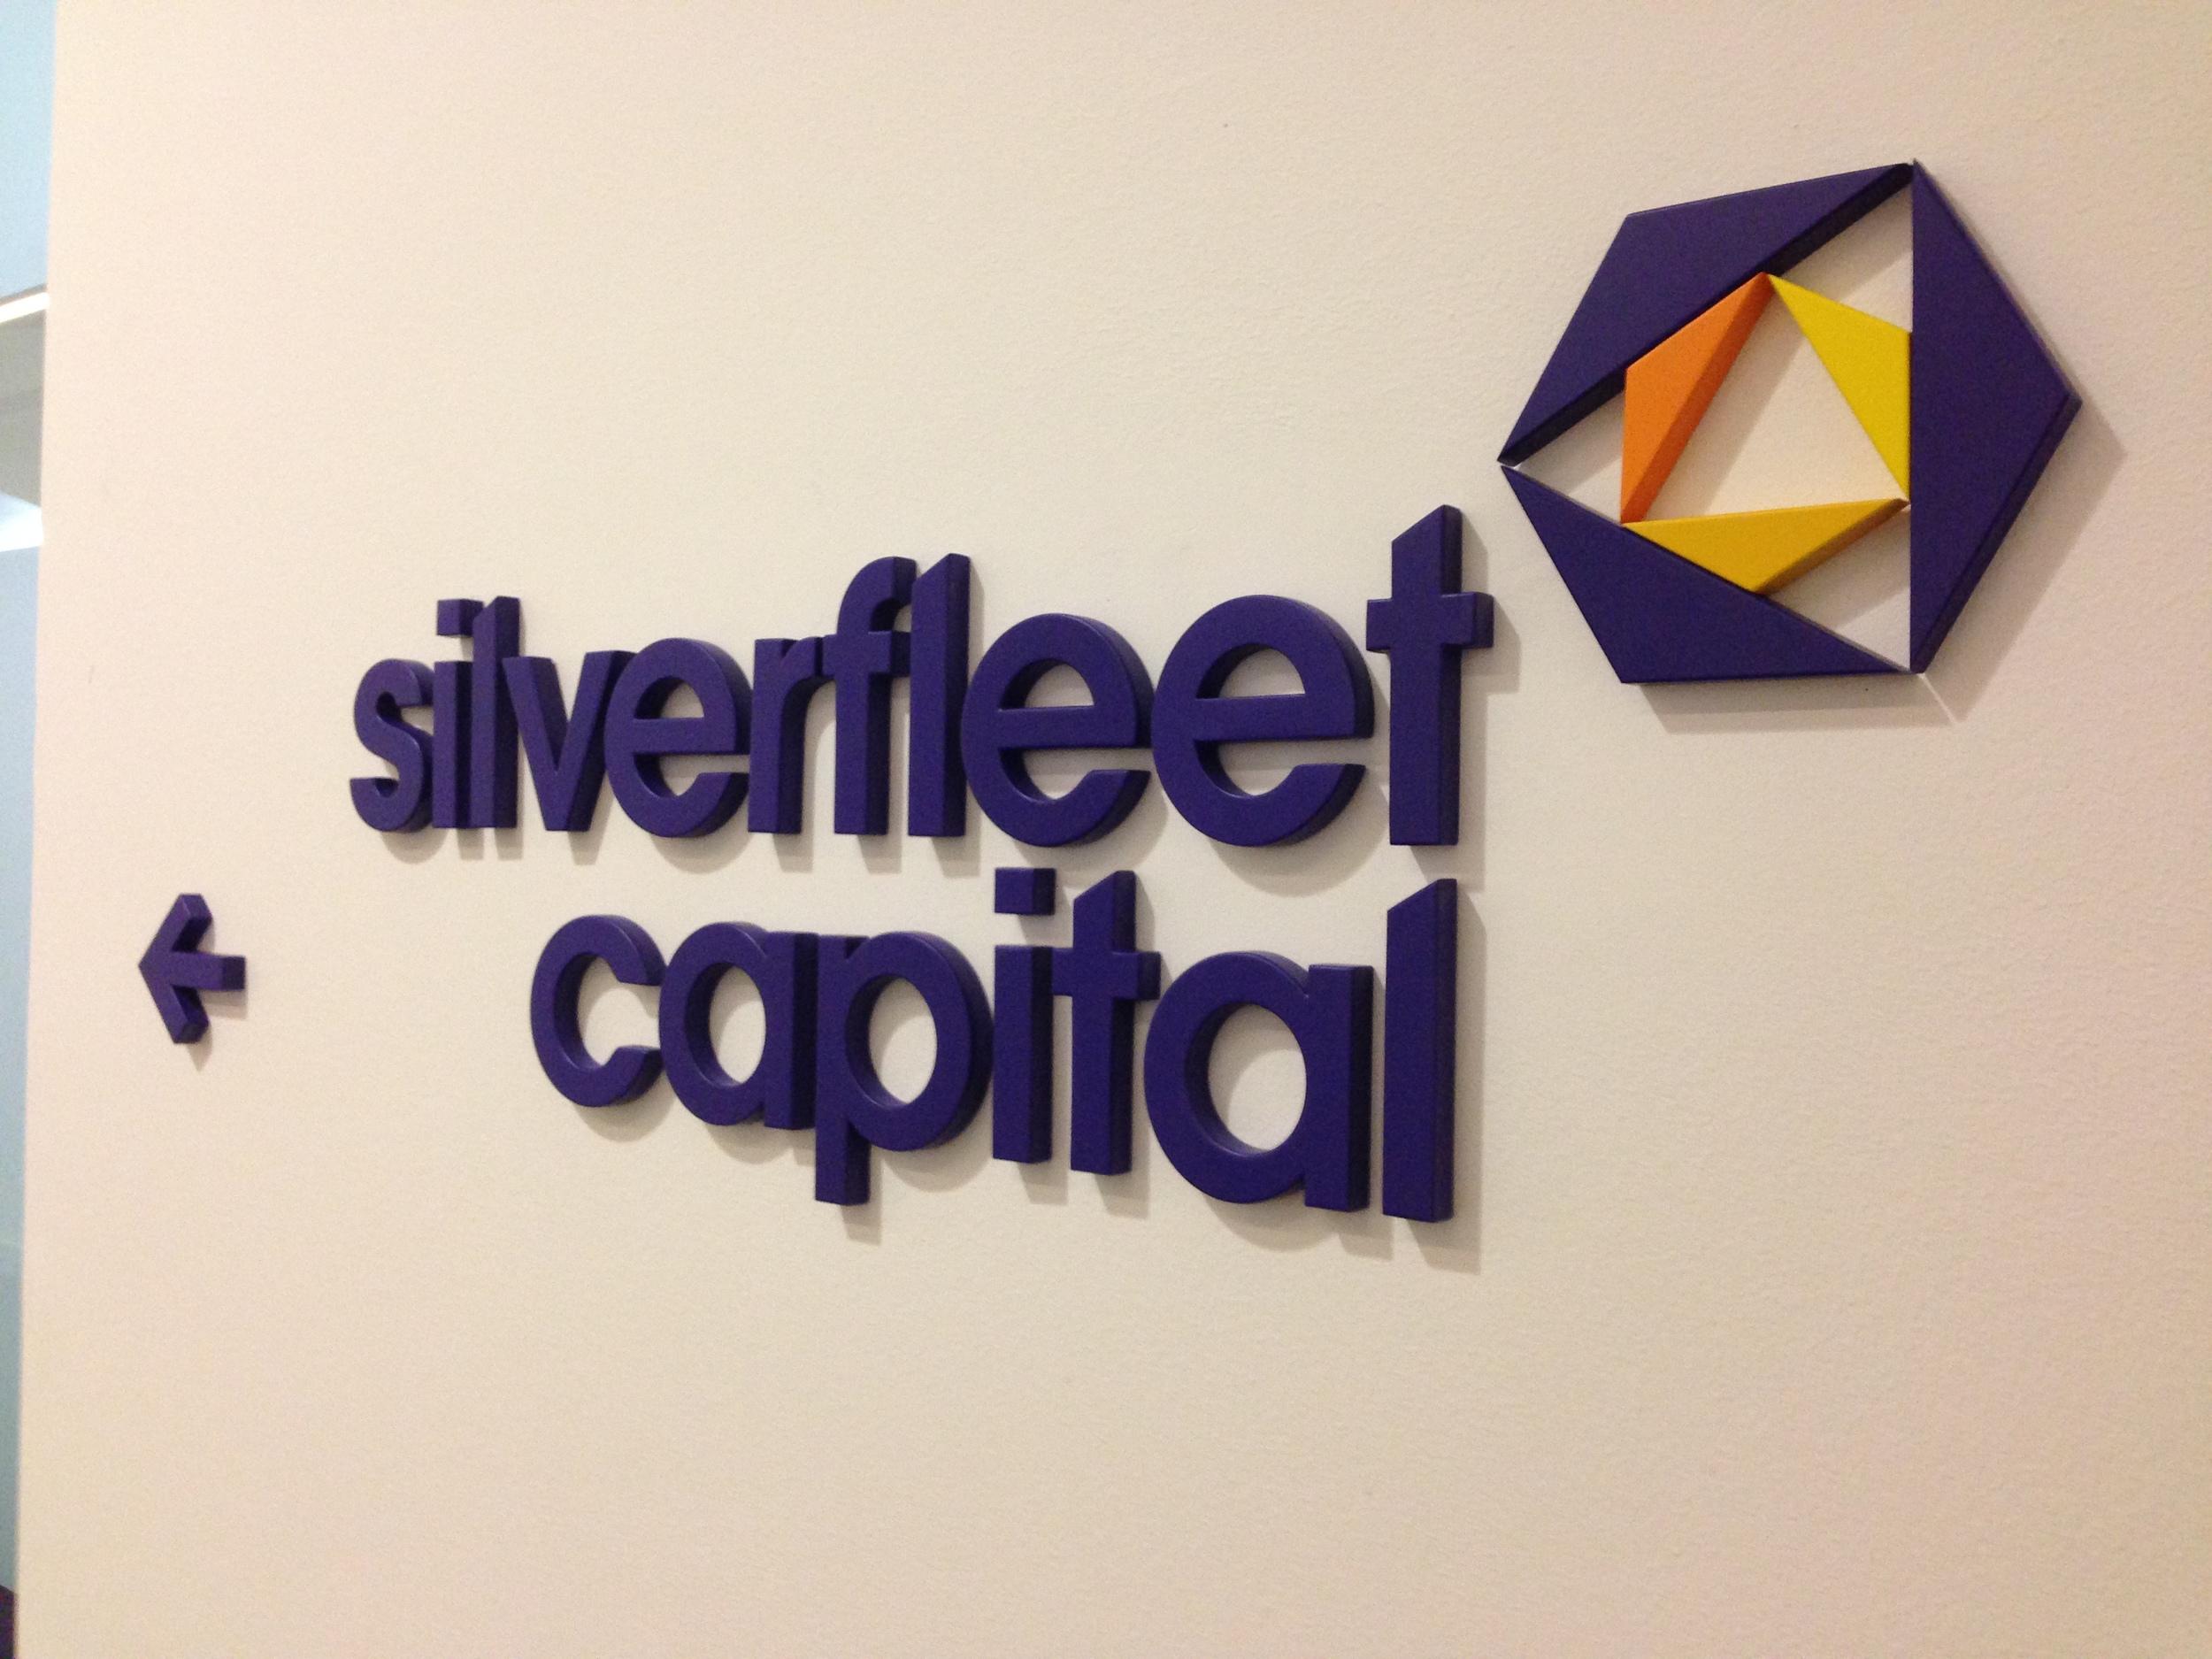 silverfleet 4.JPG